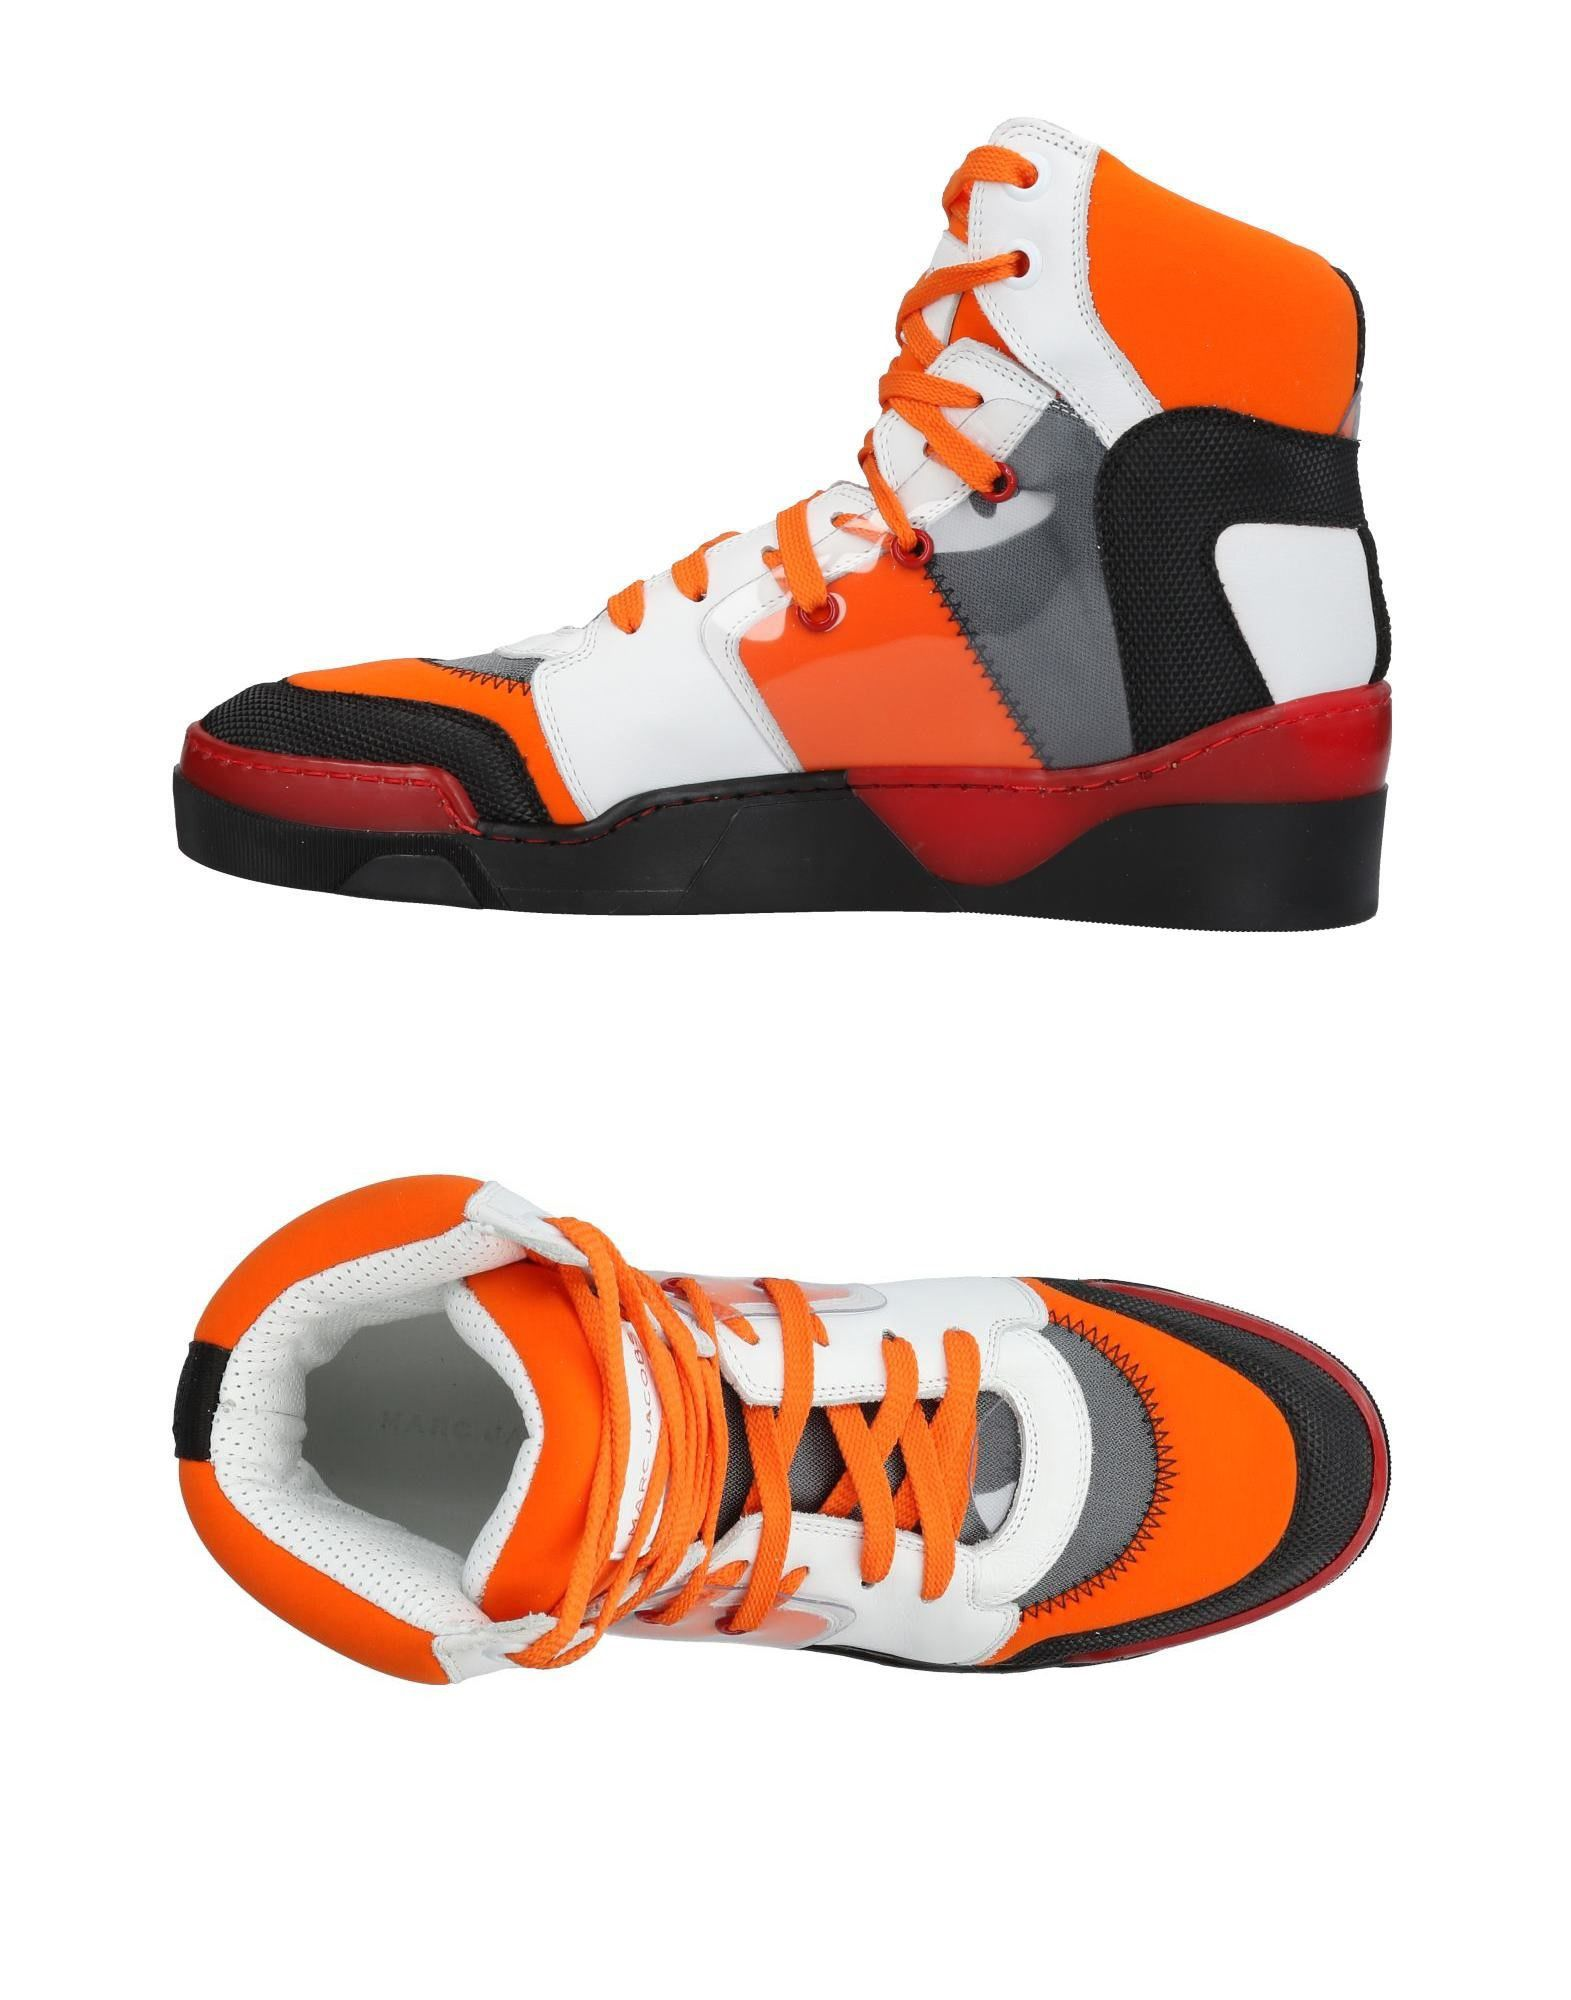 Marc Jacobs Sneakers Herren  11418904MS Gute Qualität beliebte Schuhe